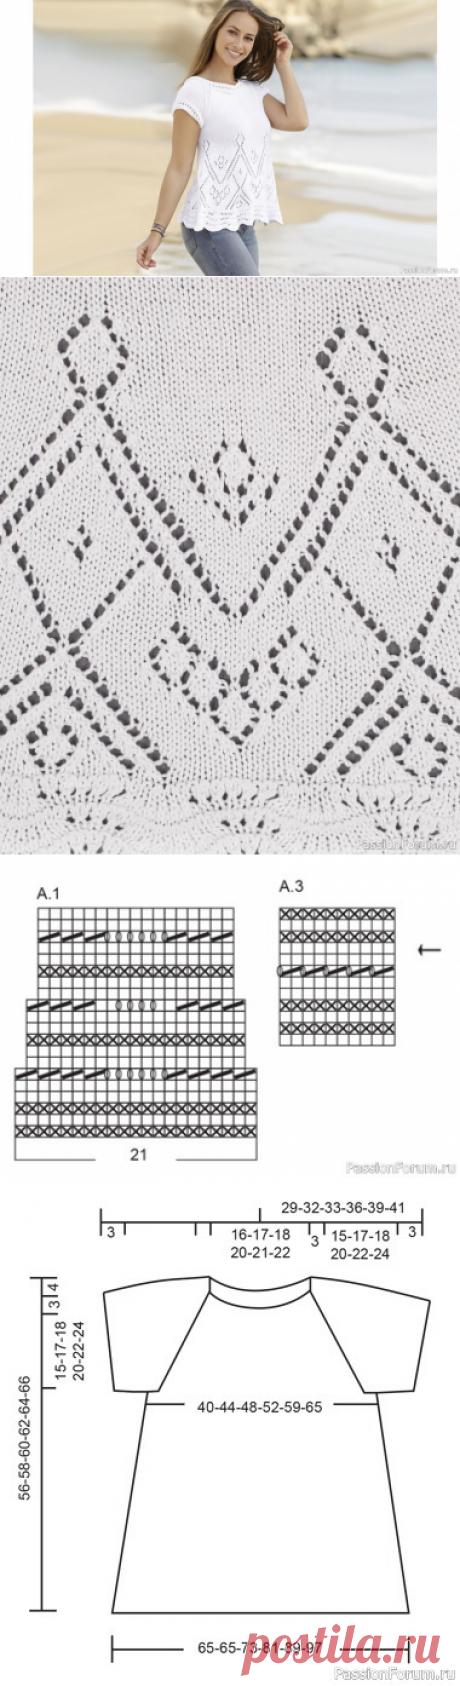 Летняя нежная кофточка. Схемы | Вязание для женщин спицами. Схемы вязания спицами